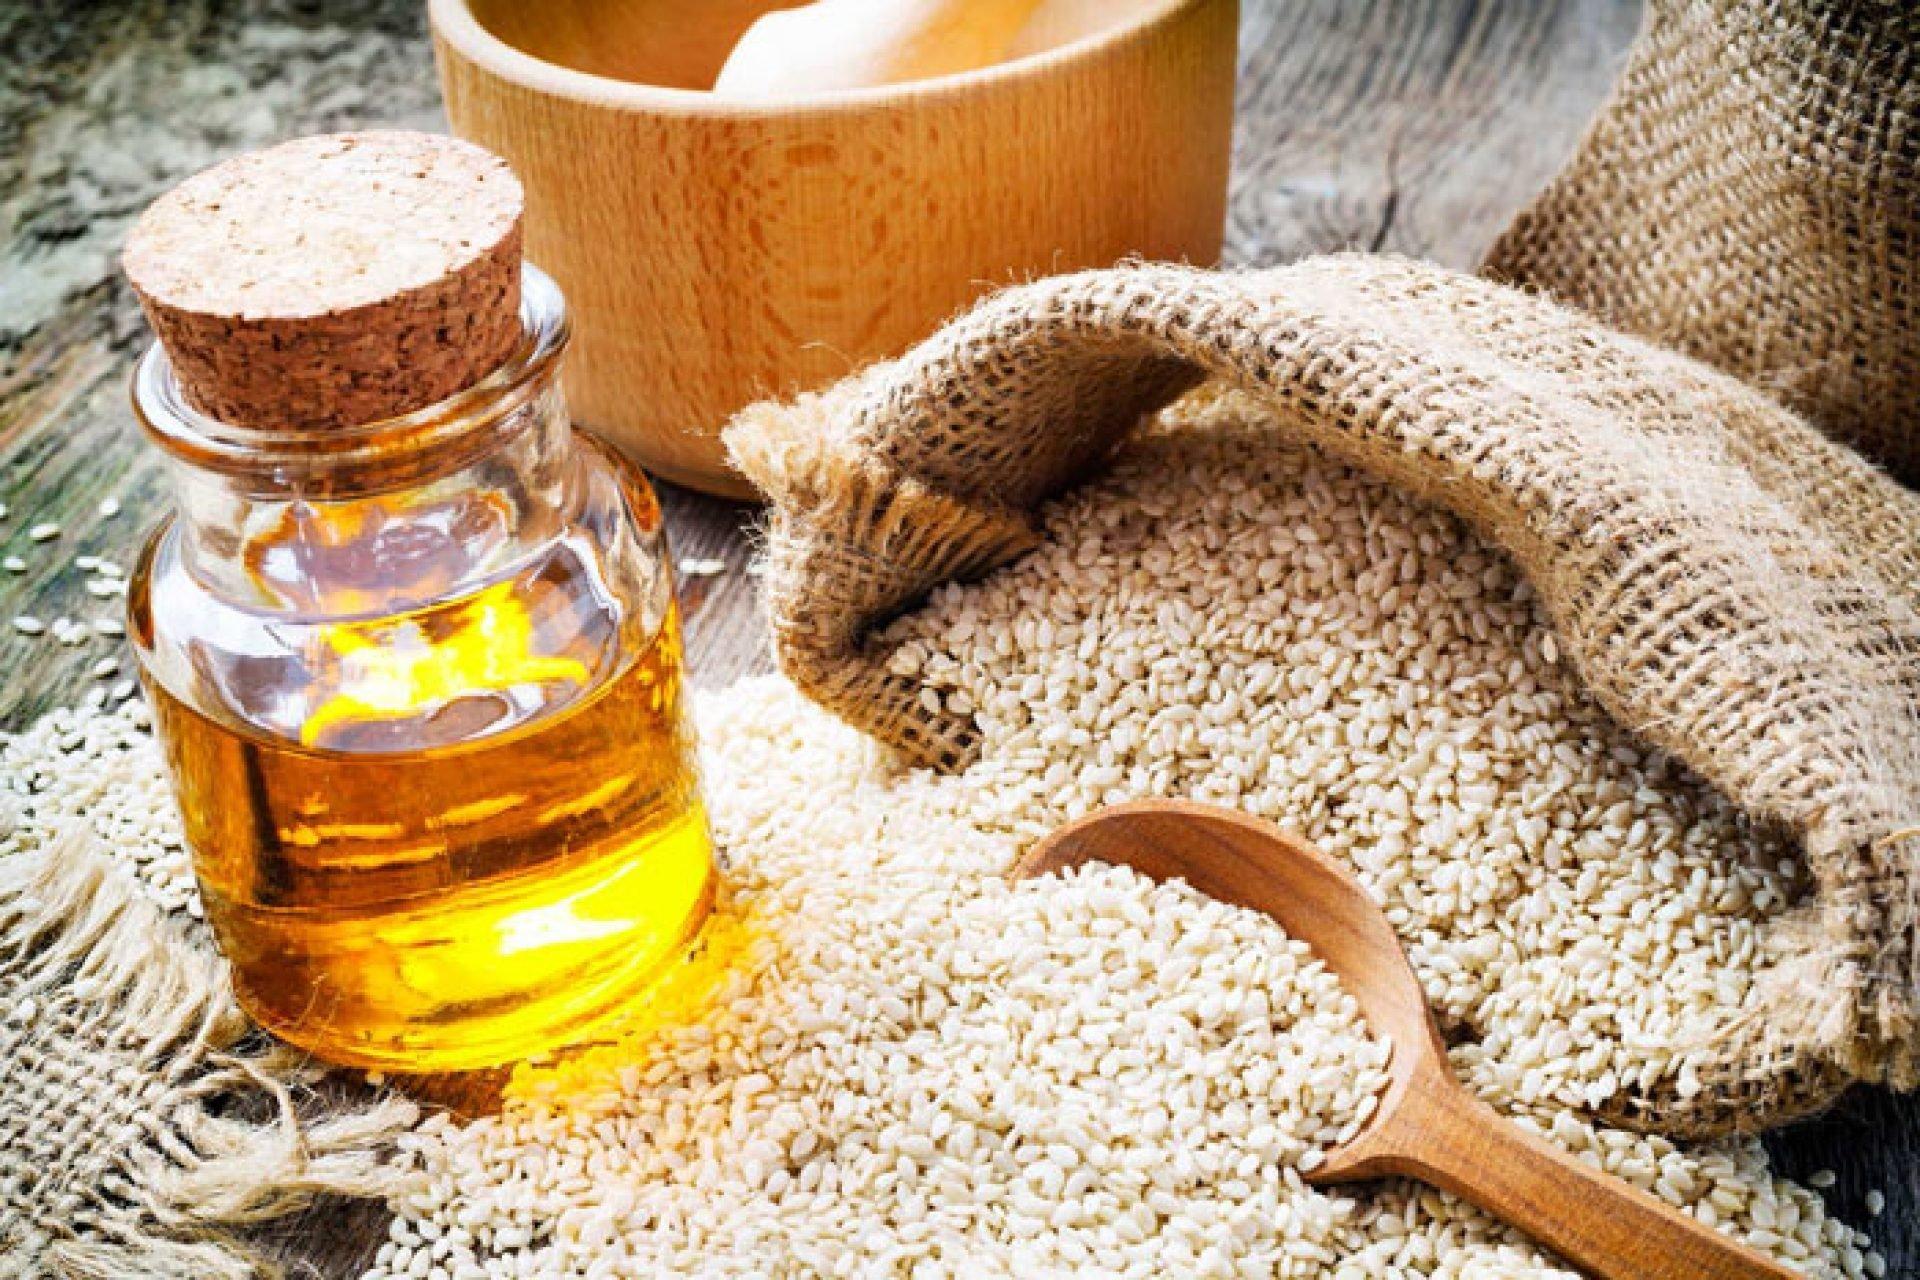 دانه کنجد برای تقویت سلامت بدن